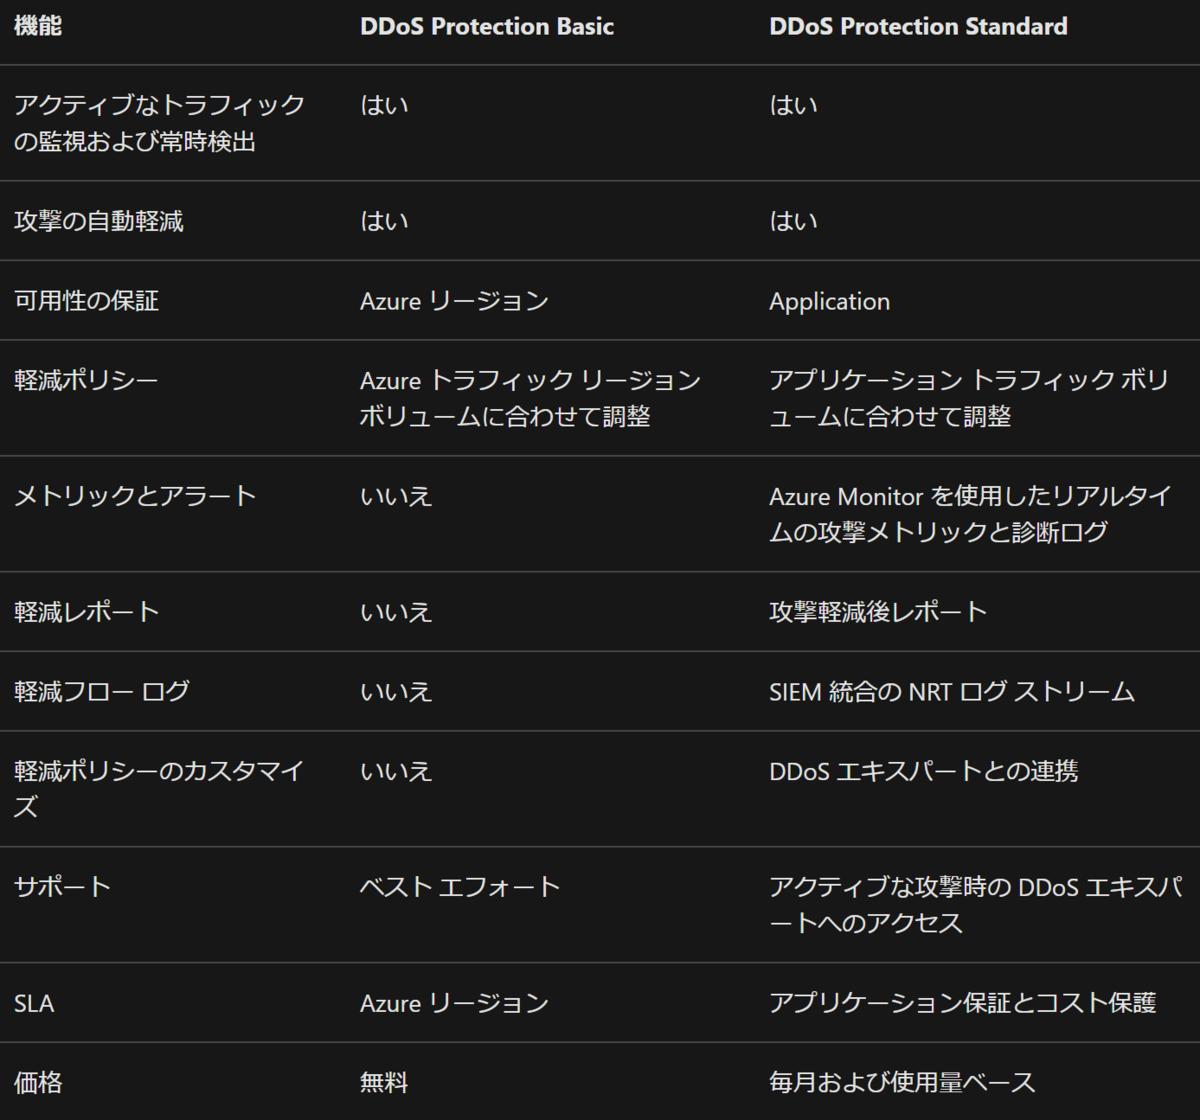 f:id:shizuuuka0202:20200126224511p:plain